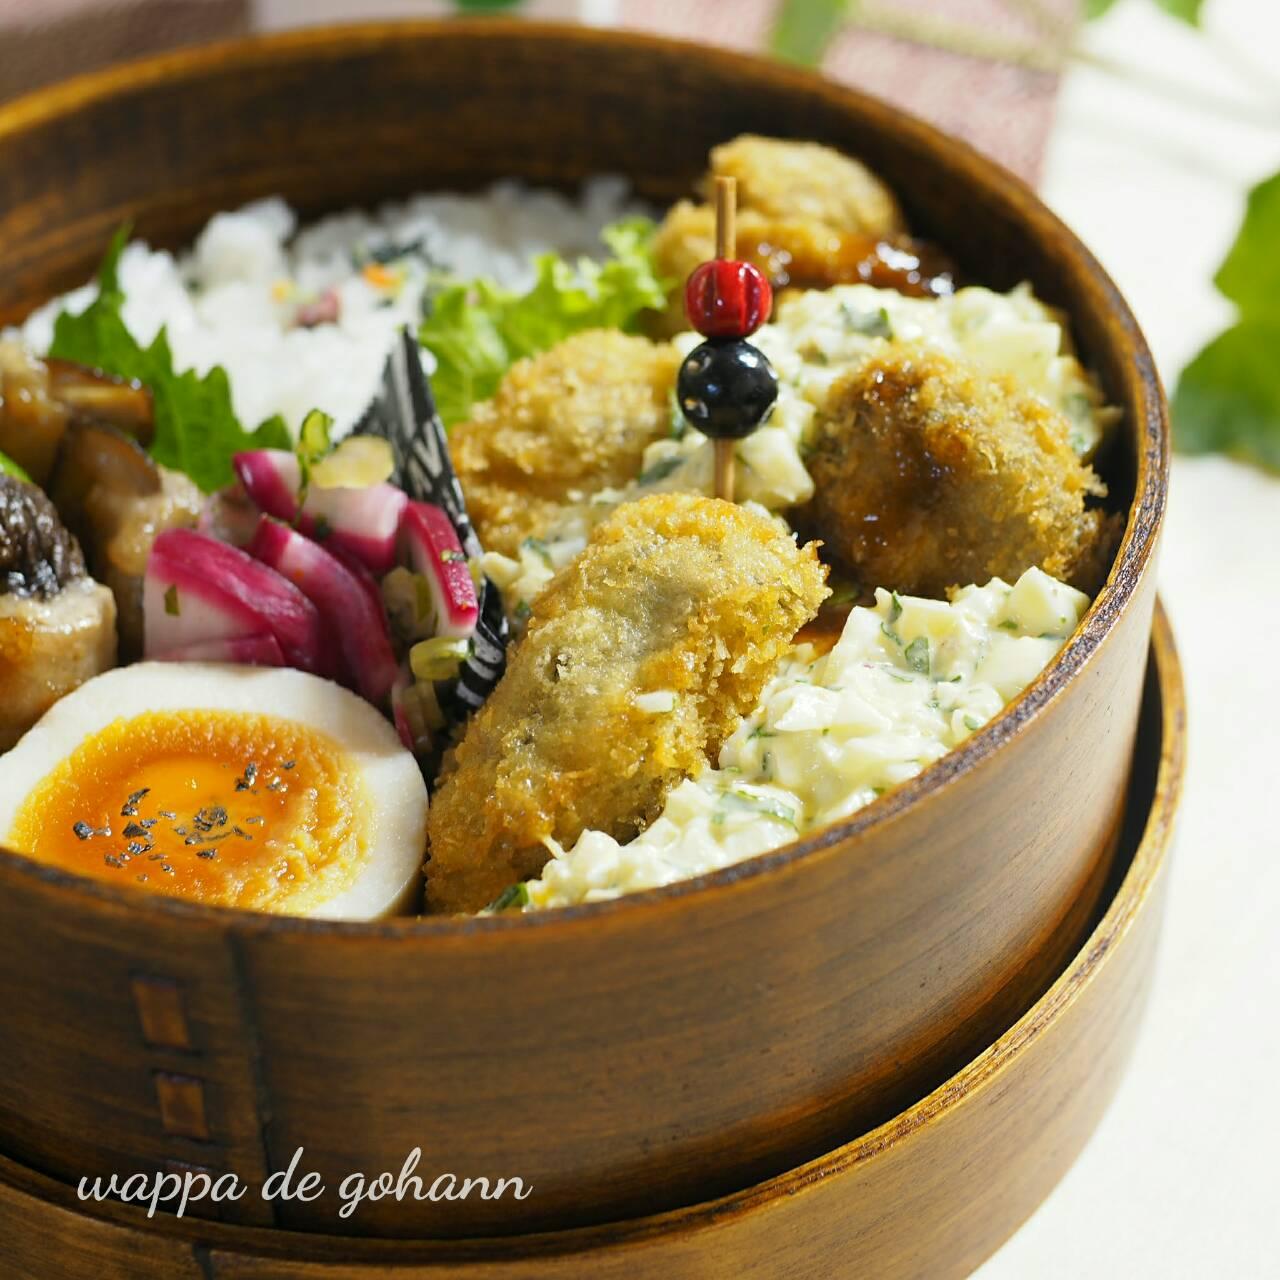 牡蛎フライ弁当